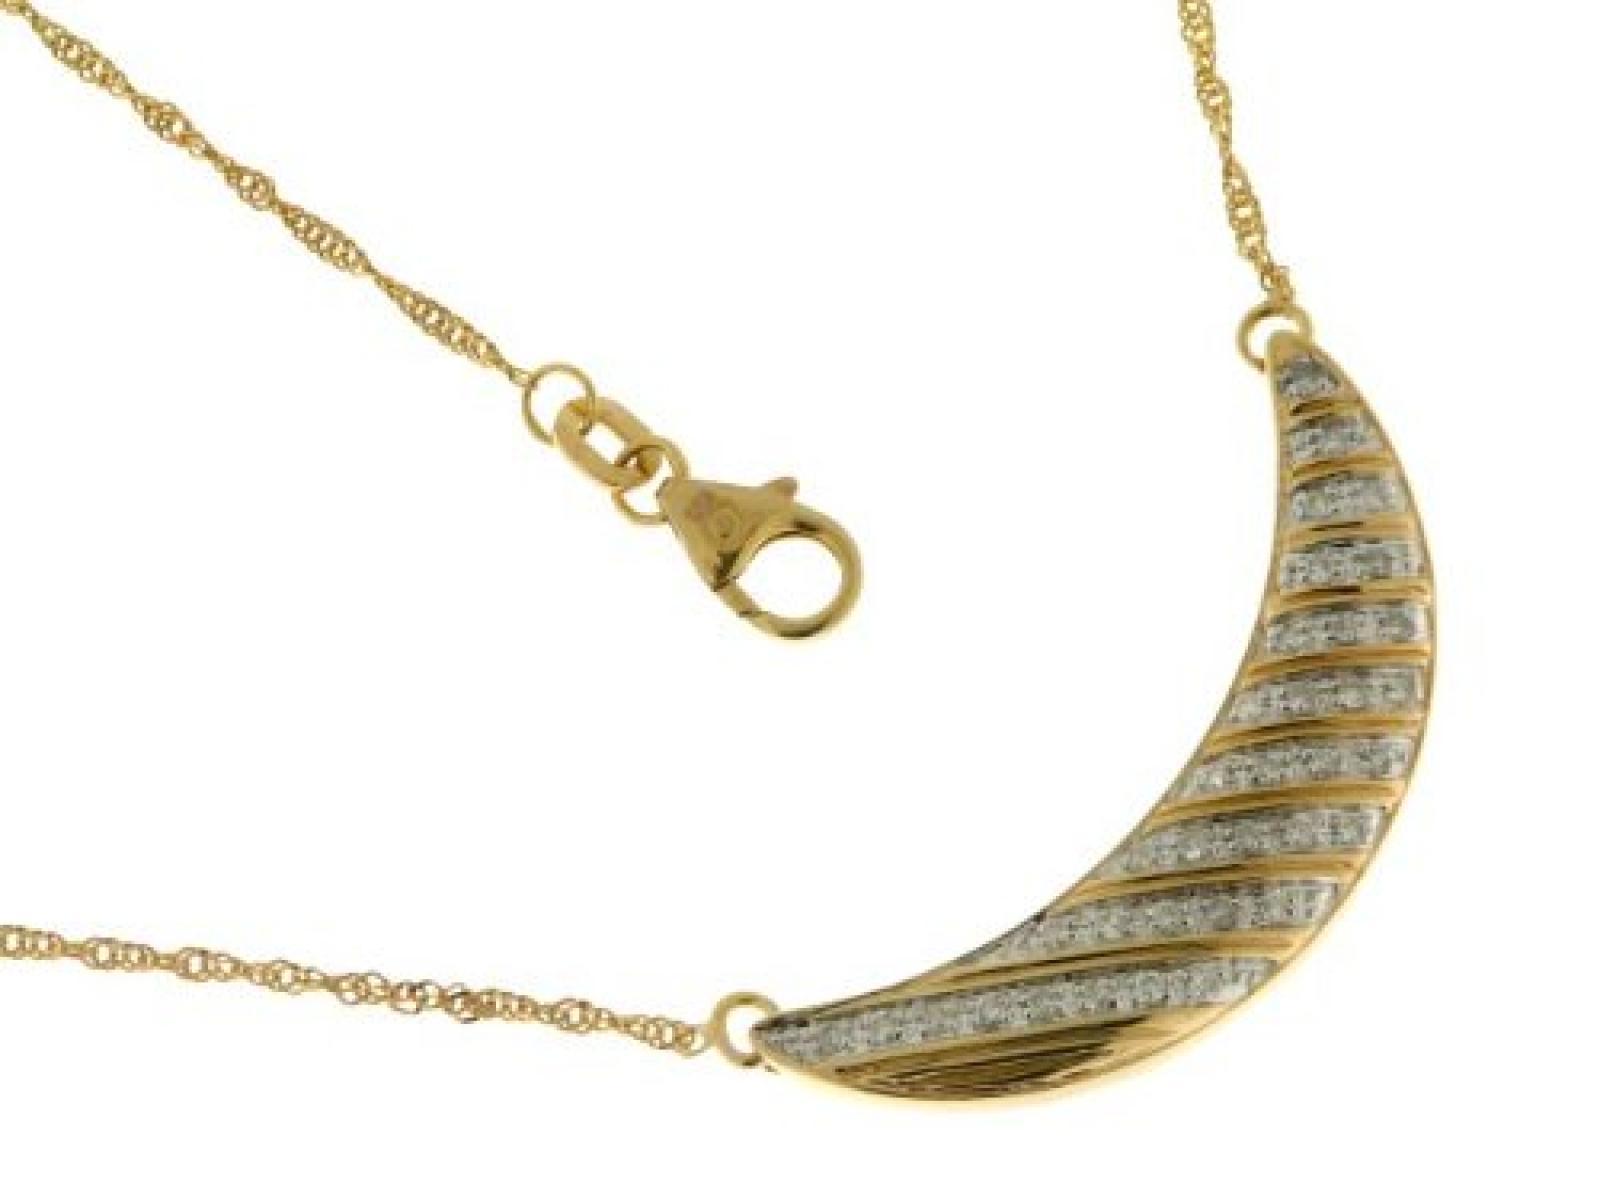 Kettenworld Damen-Halskette mit Anhänger 14 Karat 585 Gelbgold Brillant 0,25 ct. 312793